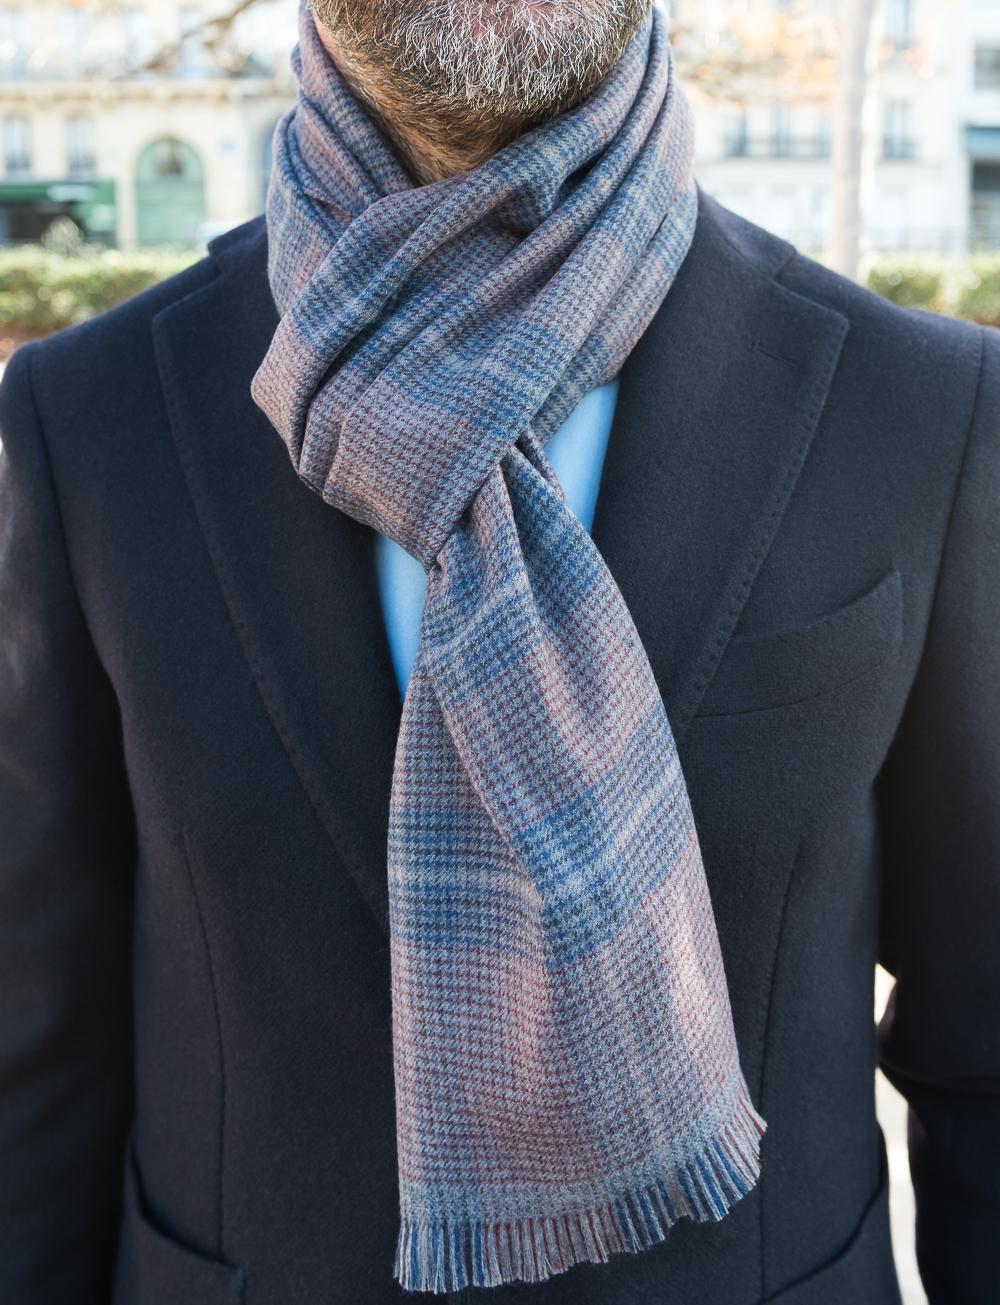 Echarpe en laine à carreaux – bordeaux gris   Cadot 485653497c5